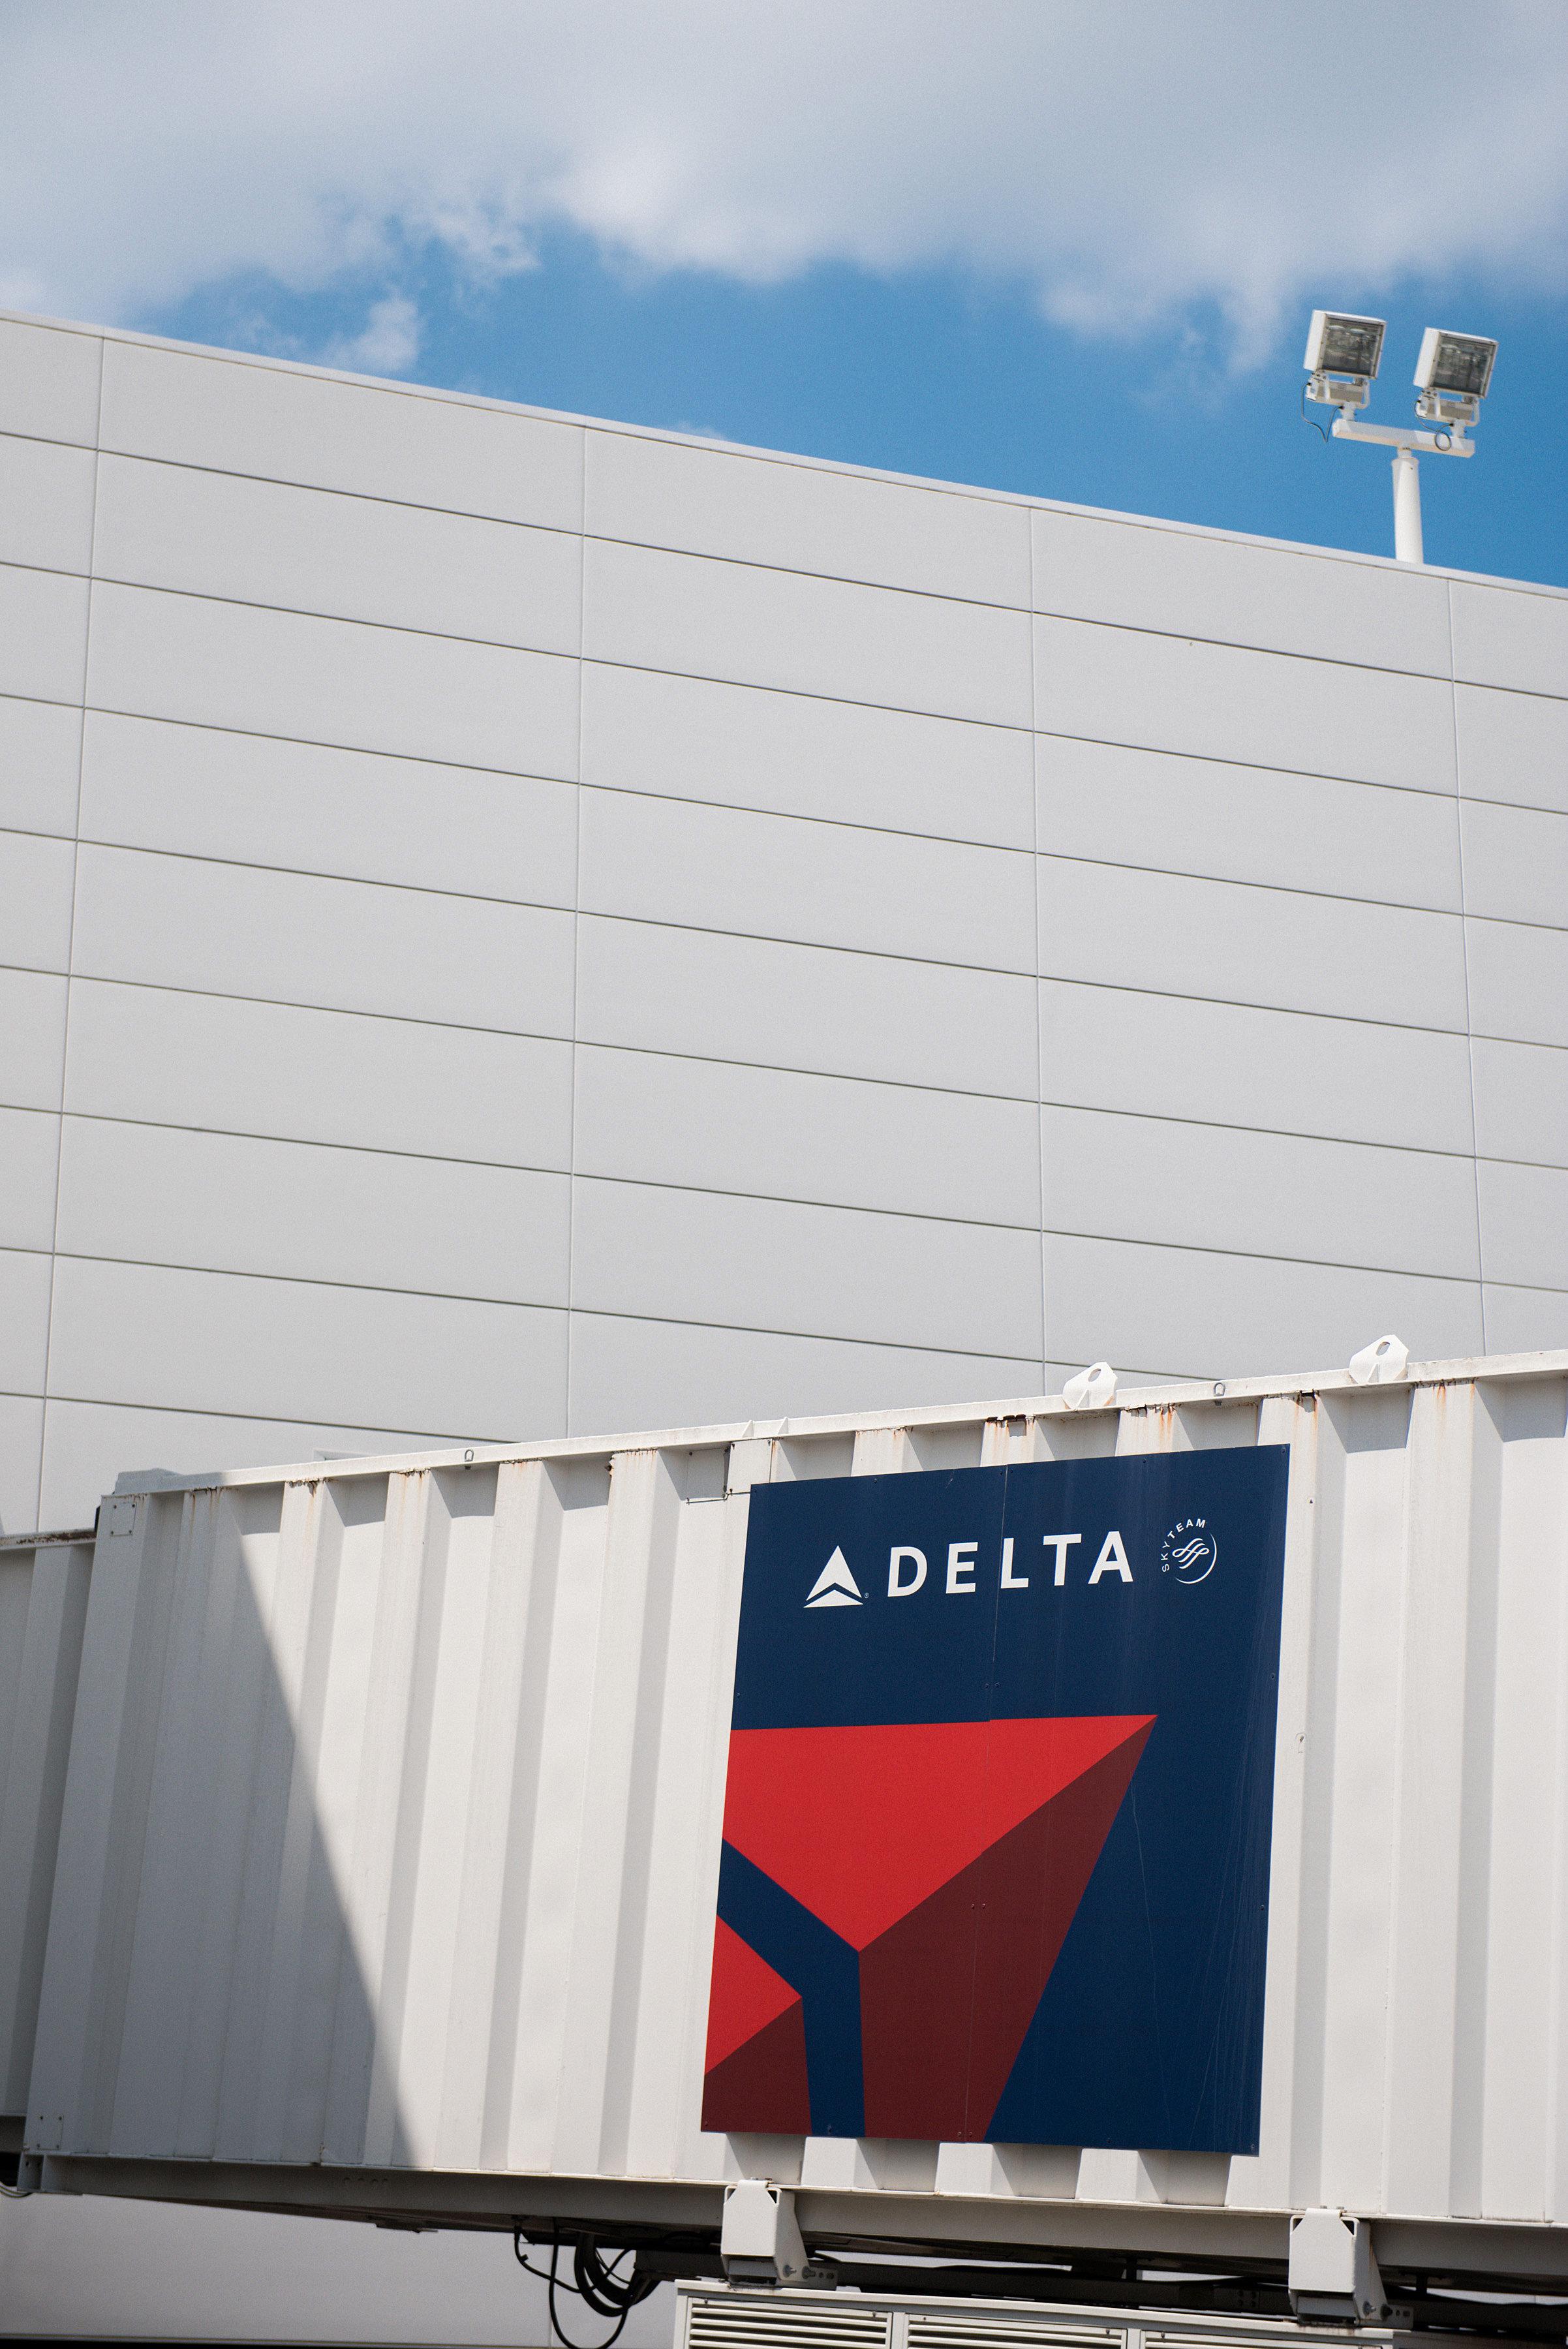 Delta_20160525_0208.jpg